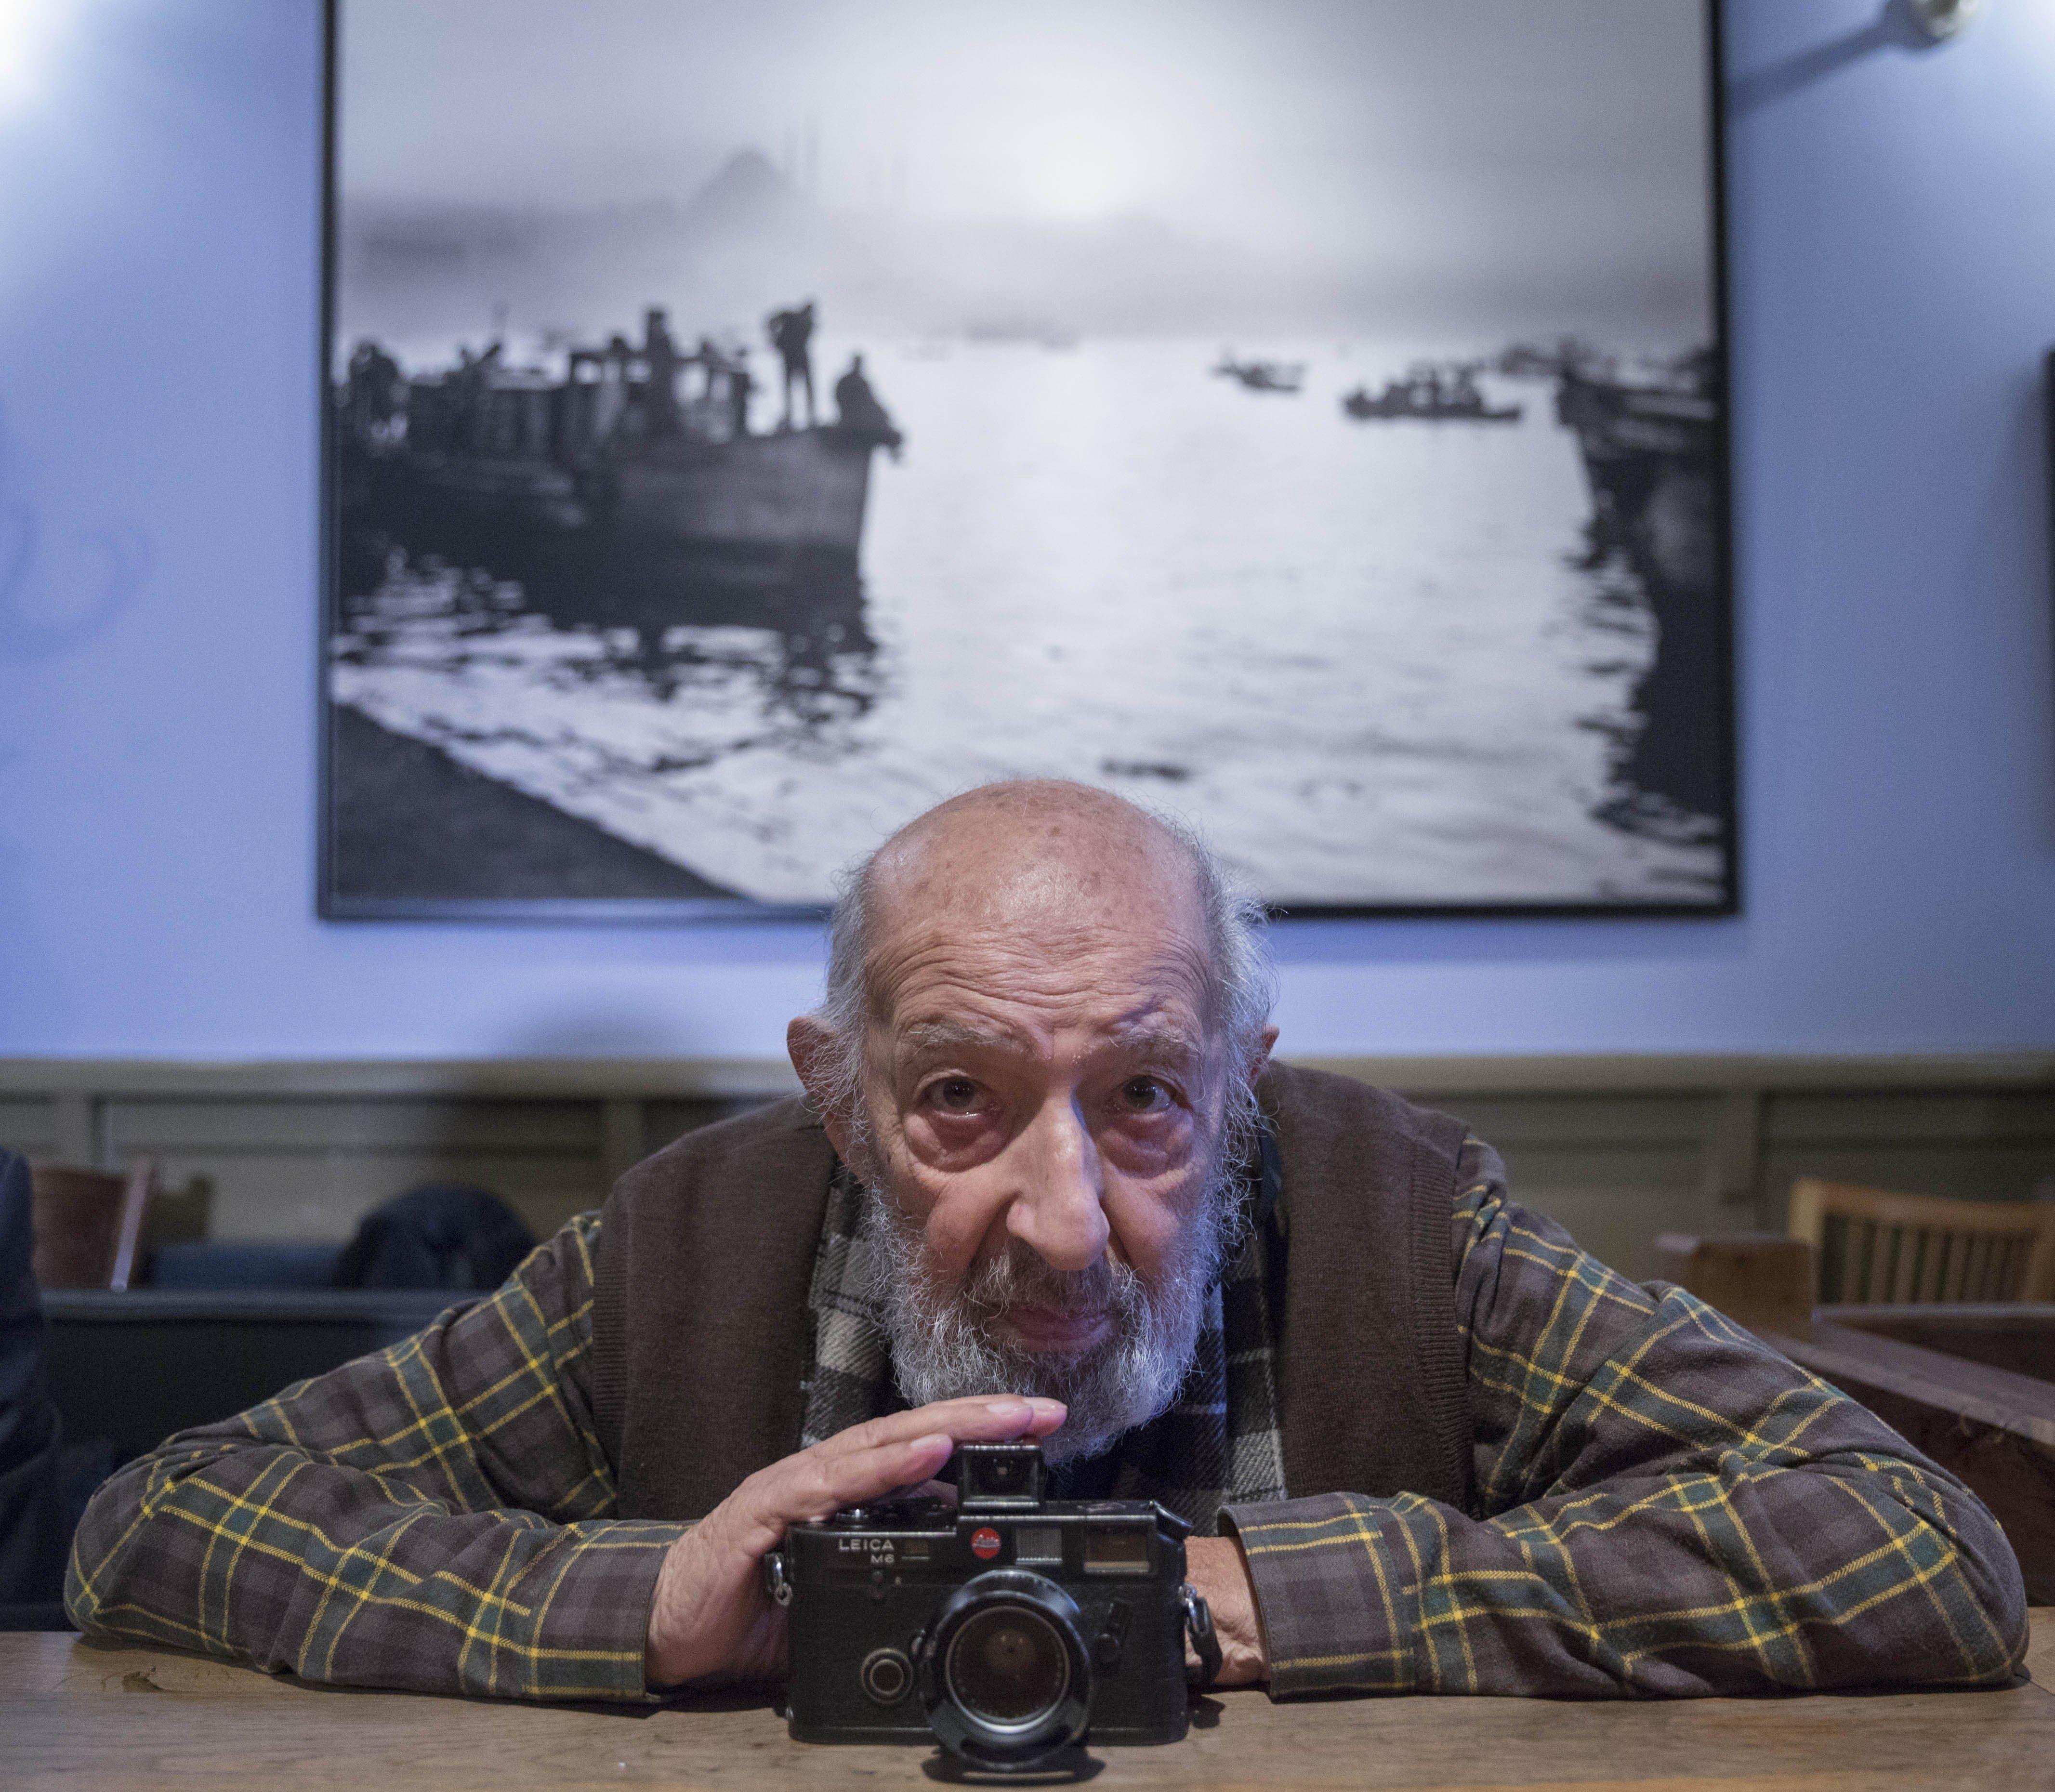 Πέθανε ο φωτογράφος Αρά Γκιουλέρ σε ηλικία 90